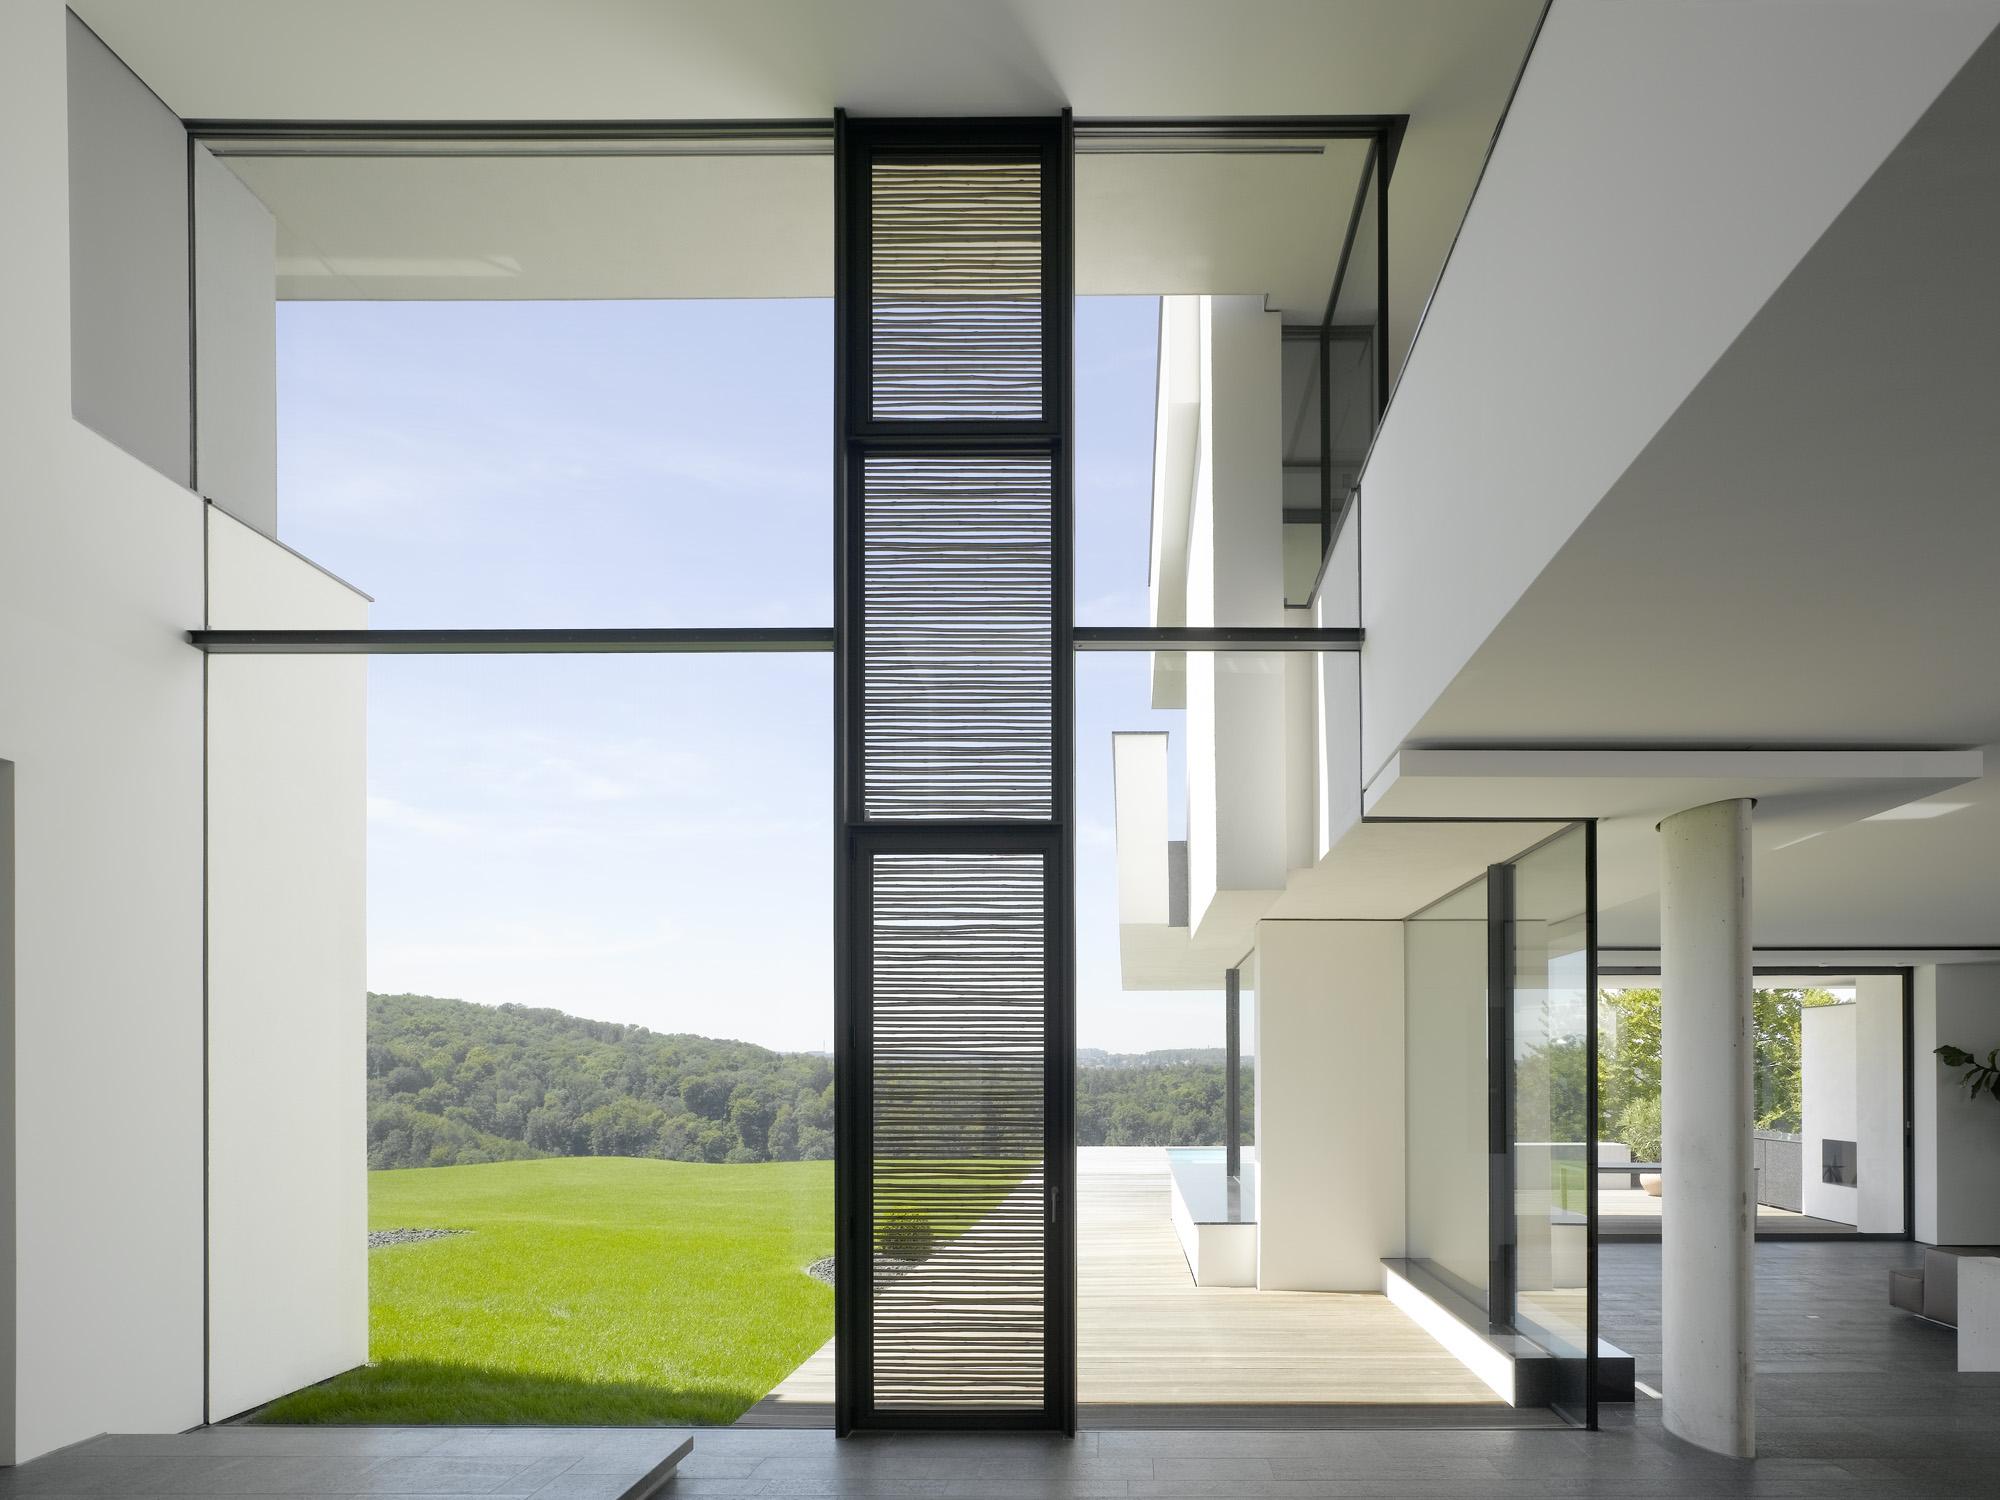 Stilpunkte-Blog: Haus am oberen Berg, Alexander Brenner, Foto: Zooey Braun